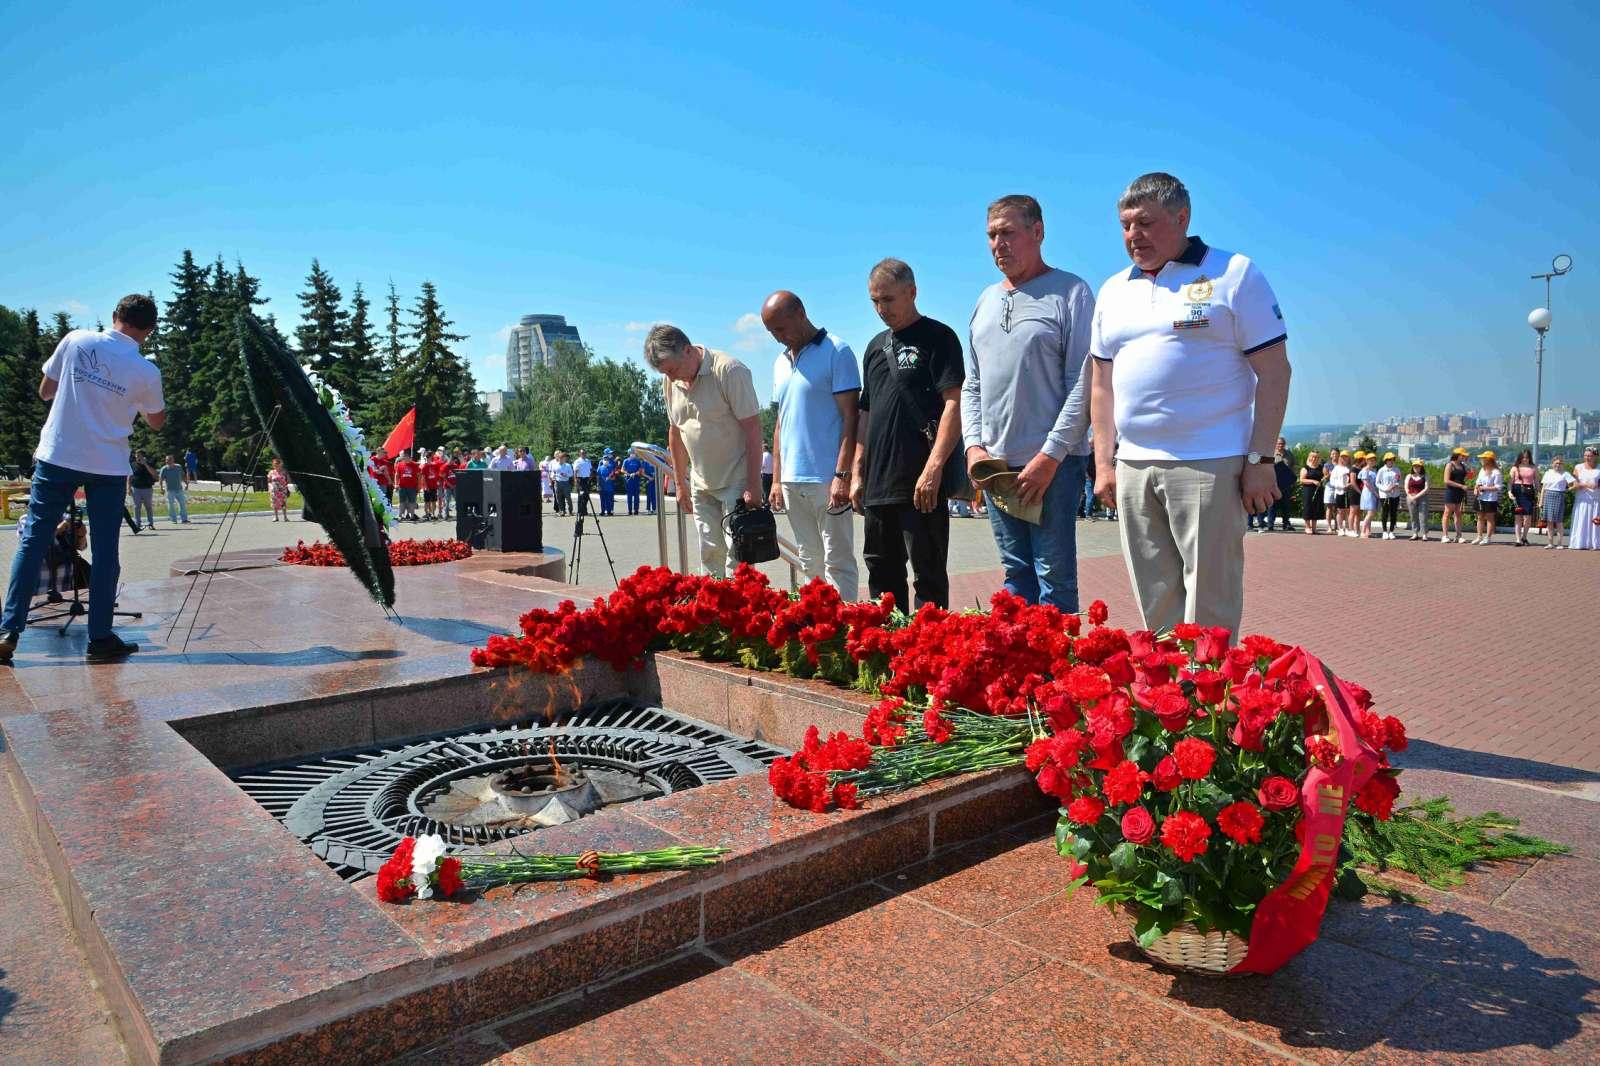 22 июня - День памяти и скорби в Чувашской Республике